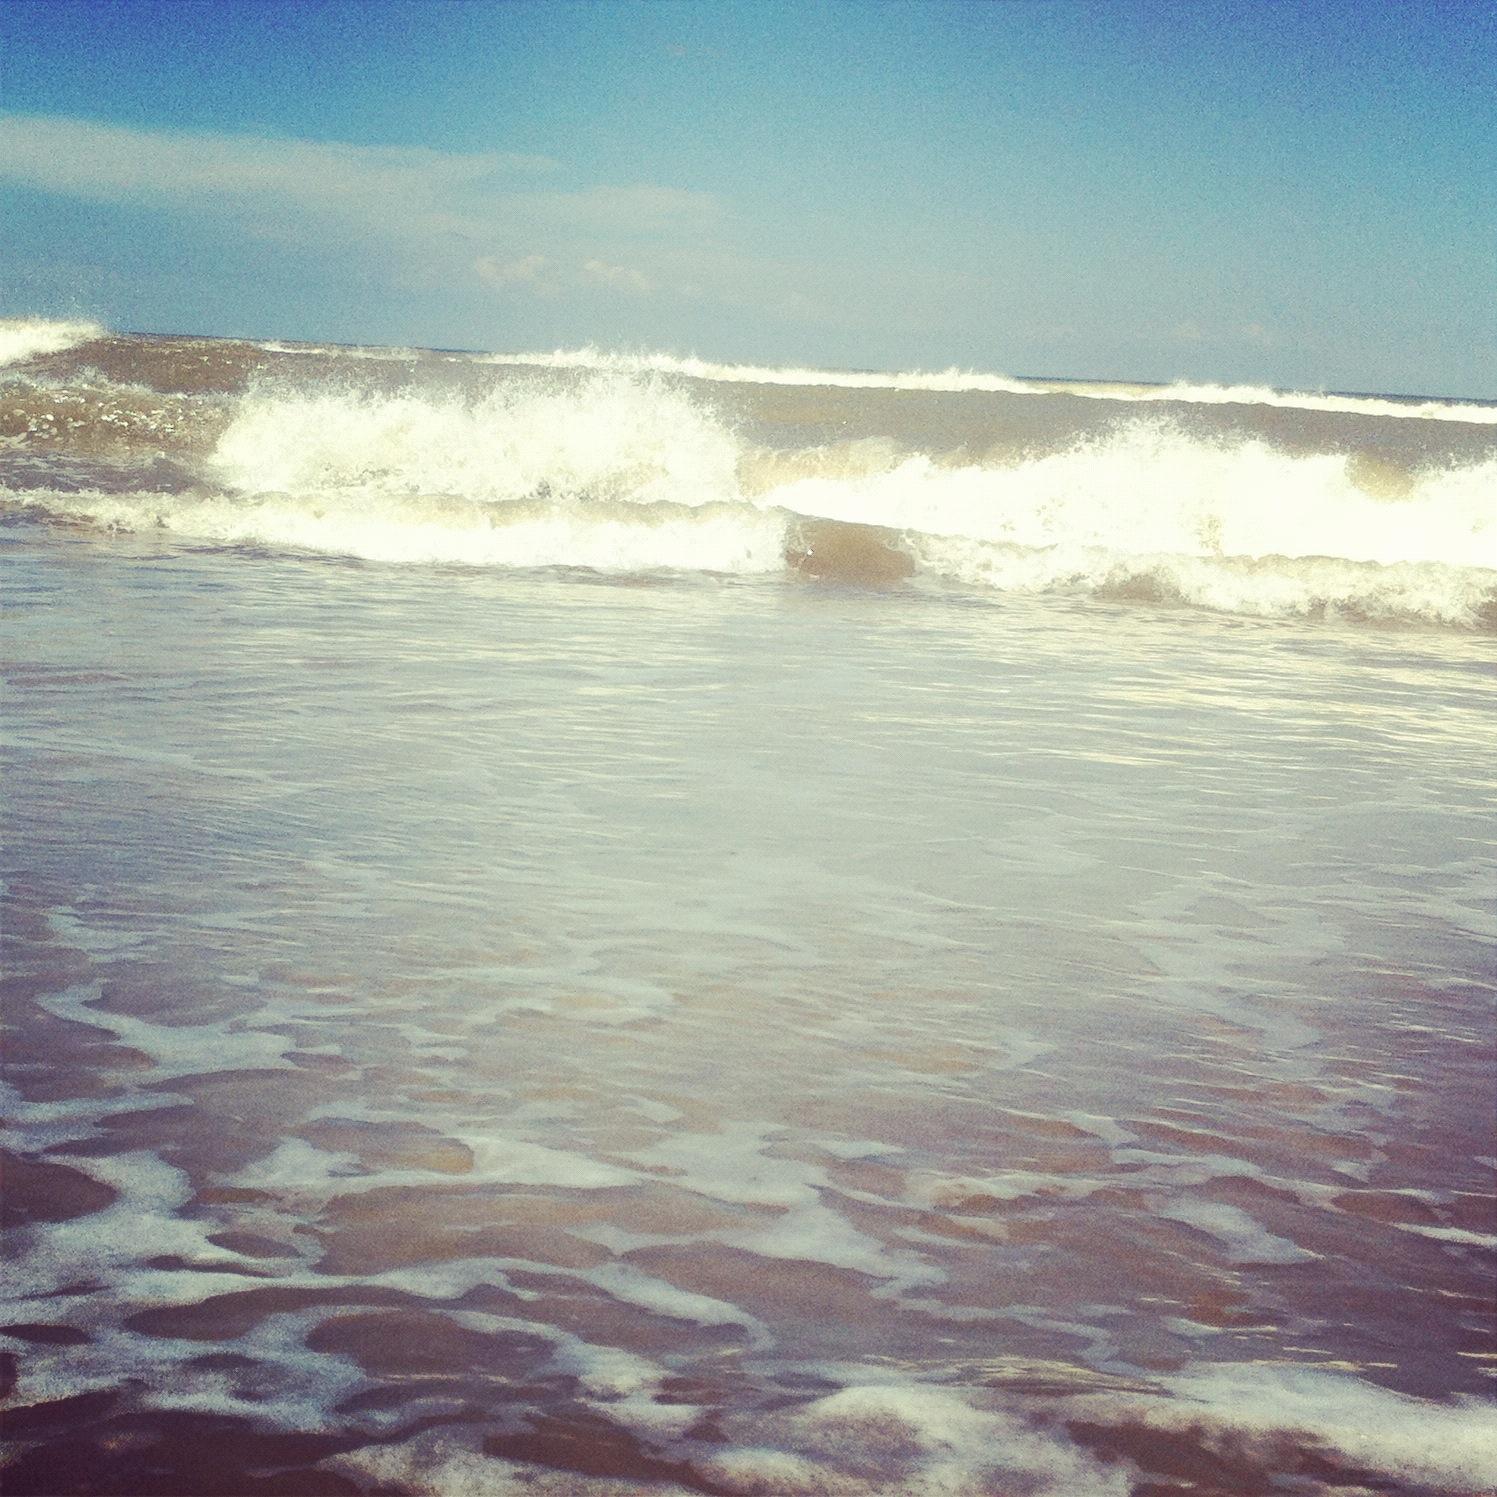 valeria del mar: